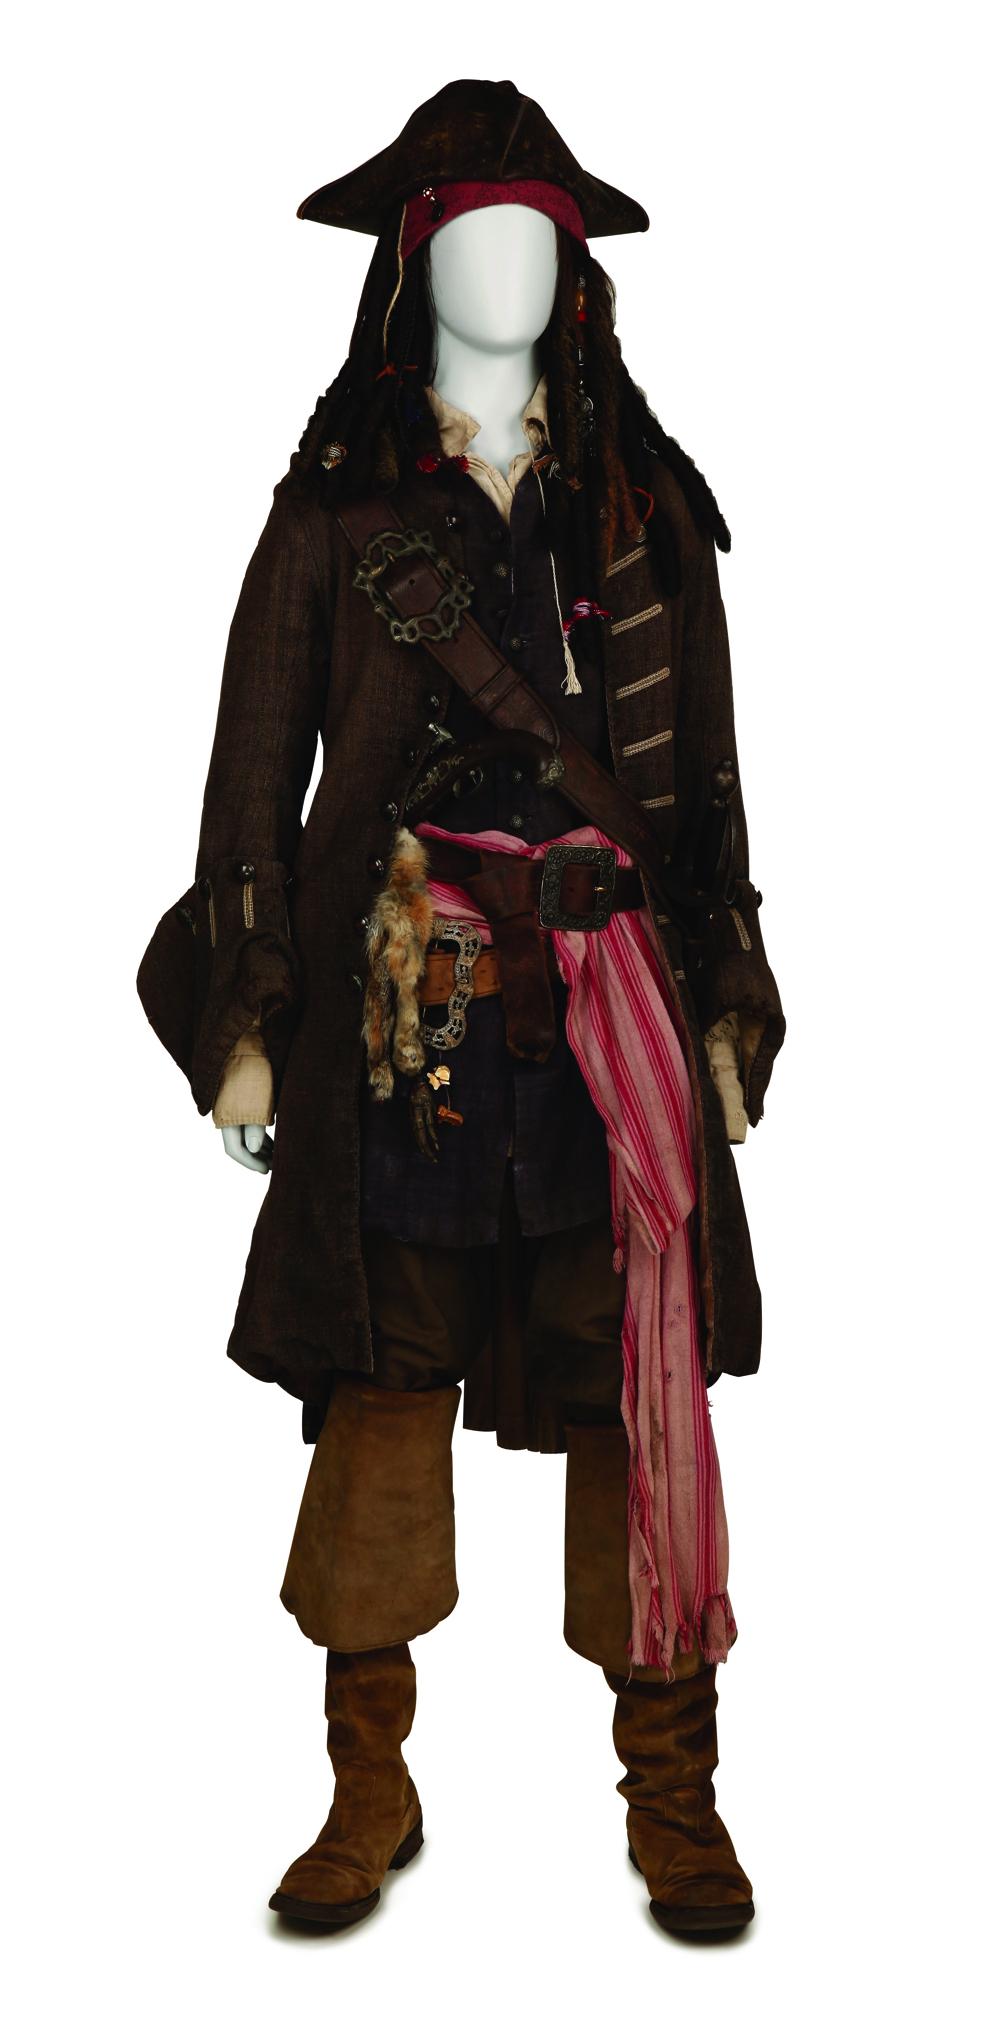 『パイレーツ・オブ・カリビアン/最後の海賊』 ジョニー・デップのアイディアが詰まった衣裳と小道具